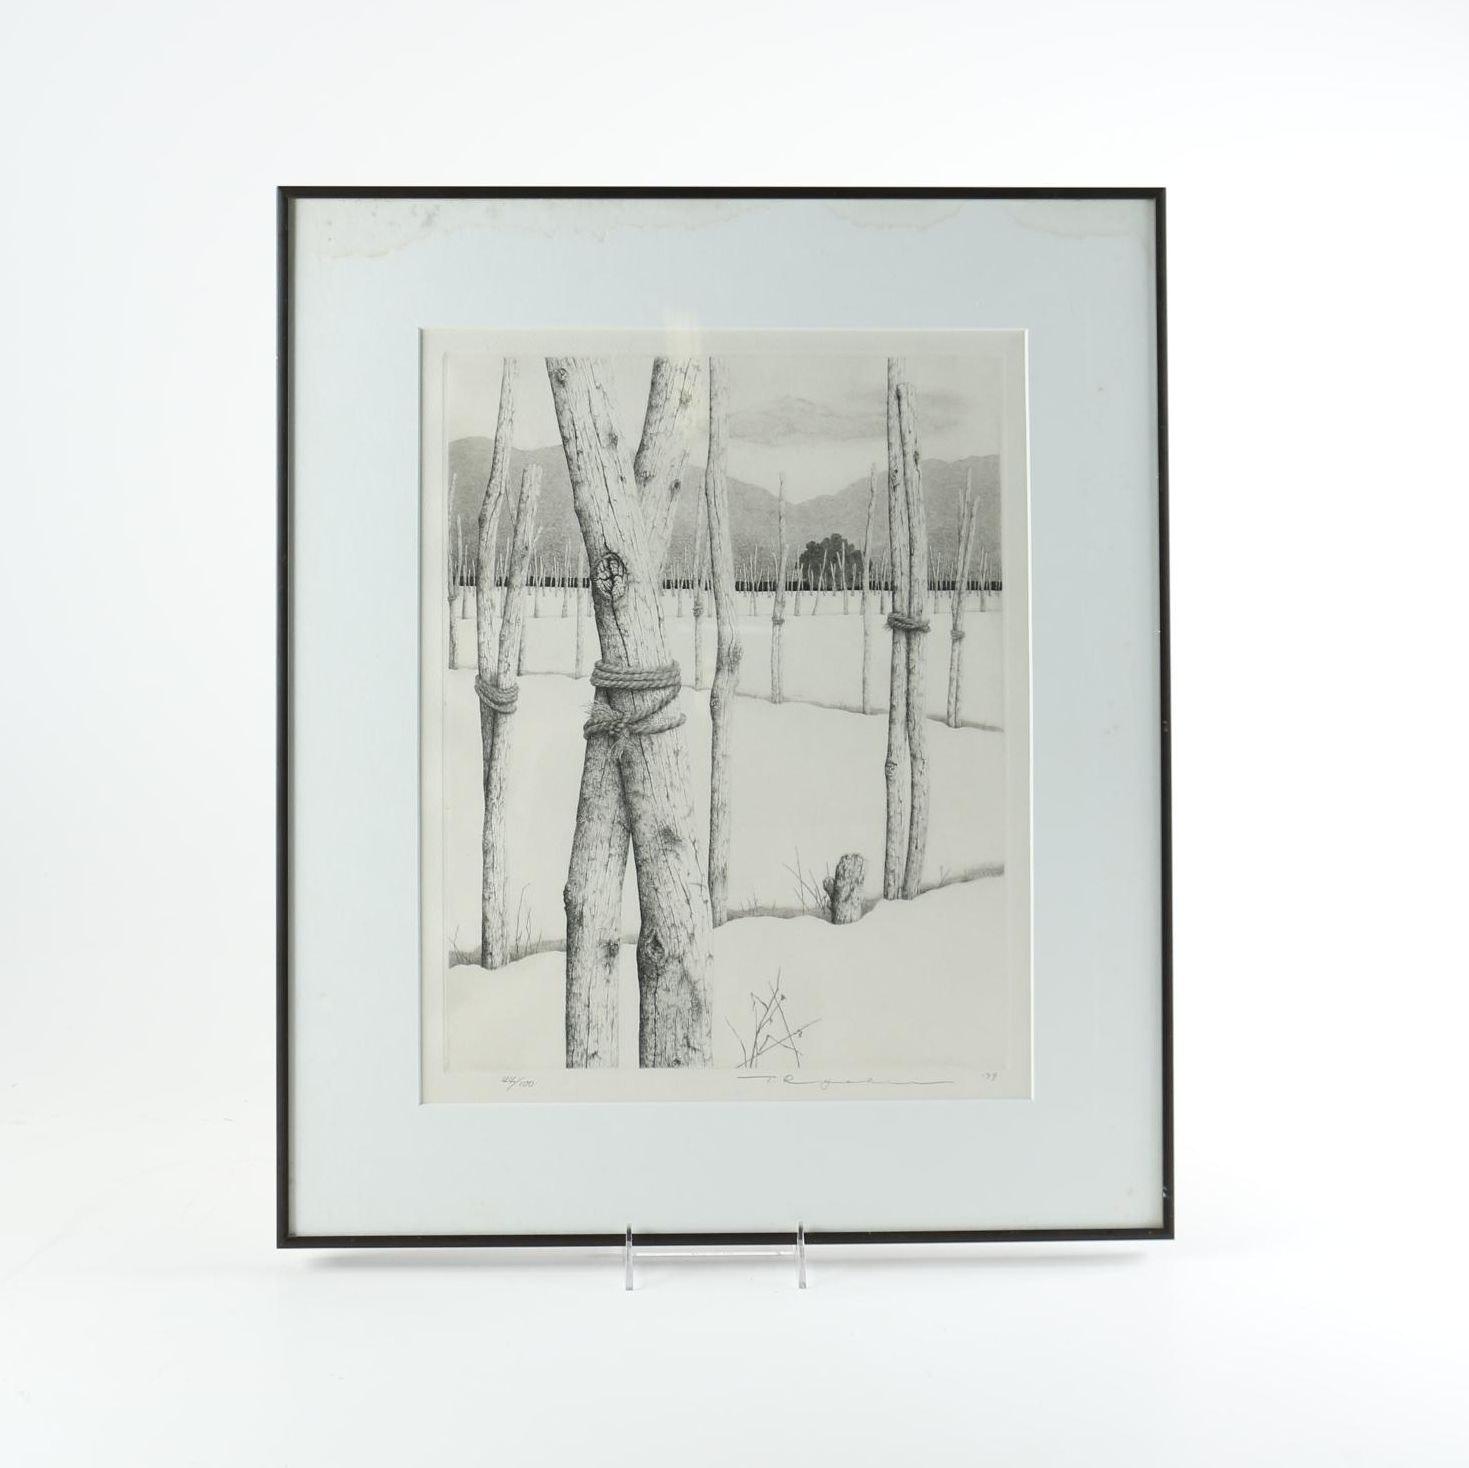 """1979 Tanaka Ryōhei Limtied Edition Etching """"Yogo Snow"""""""